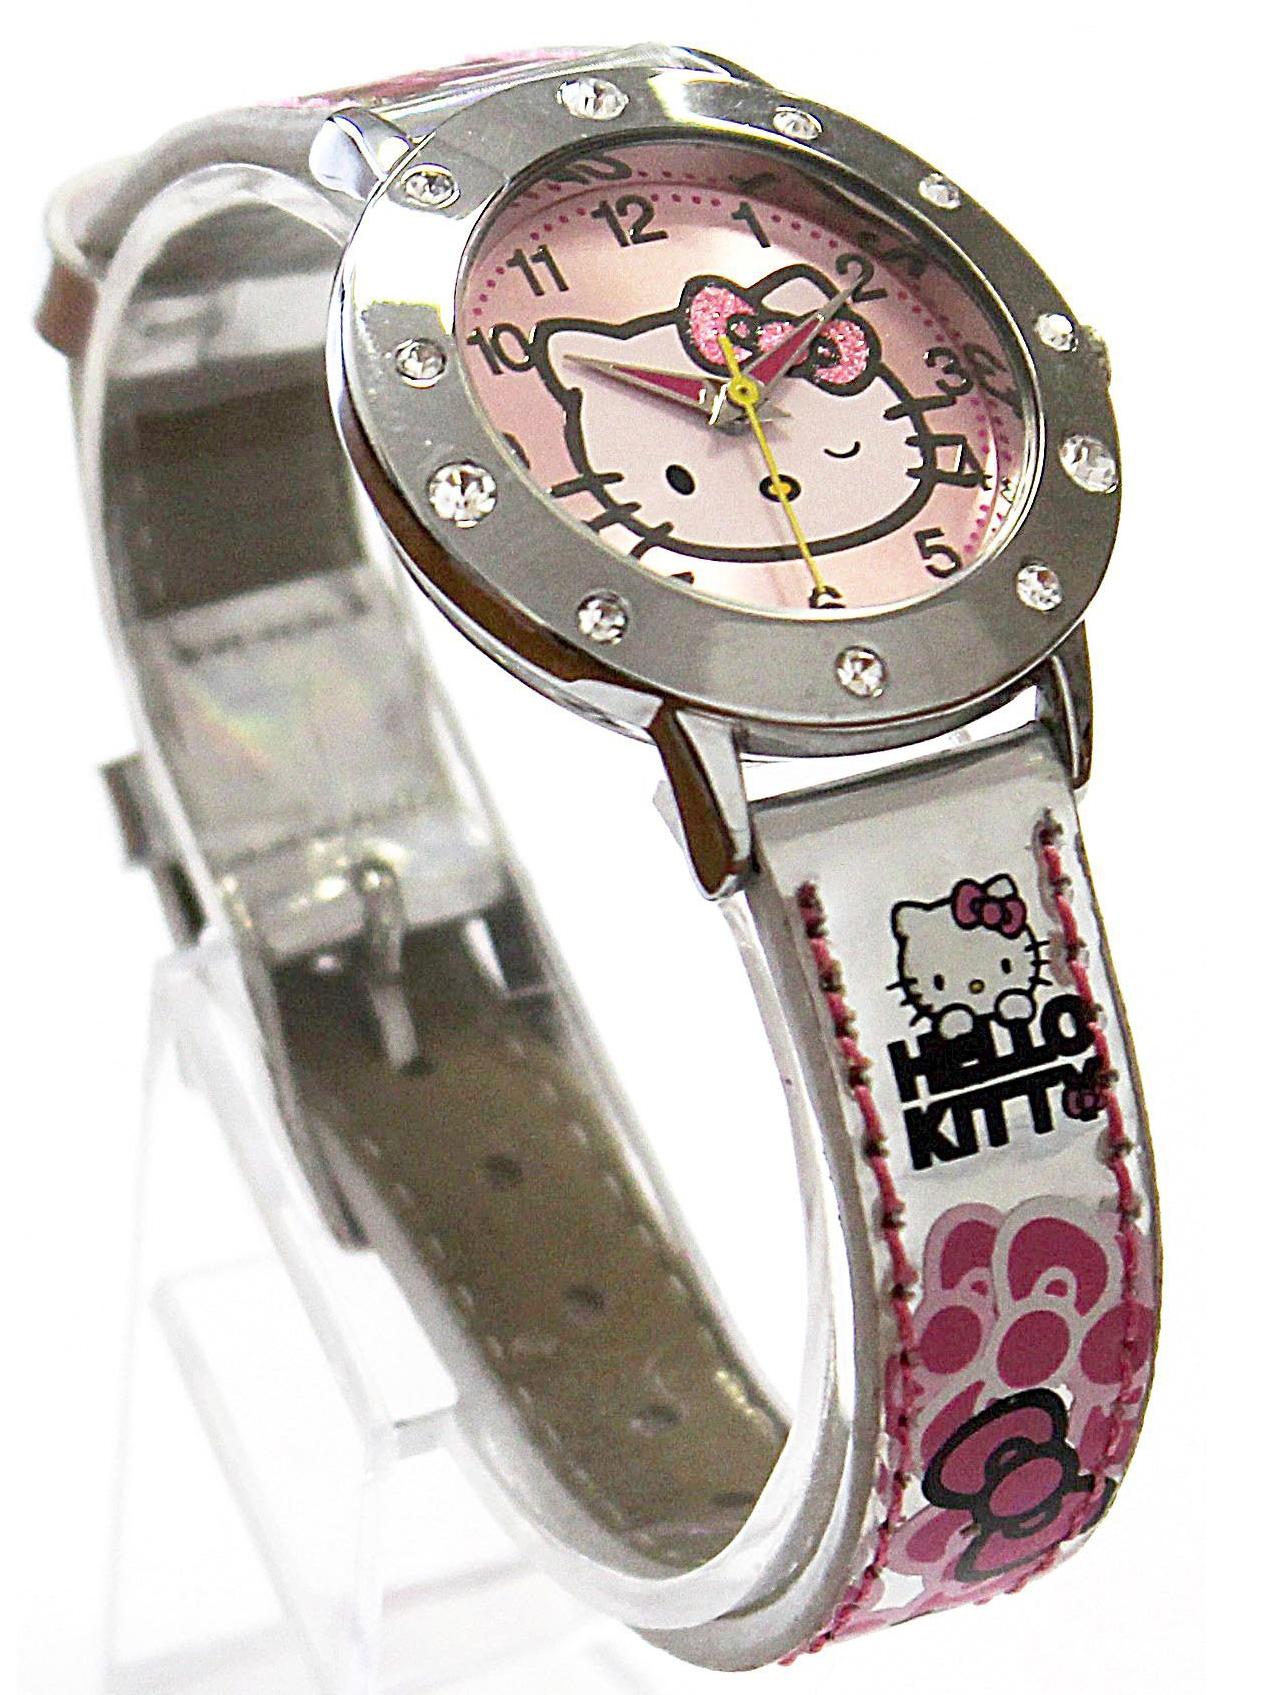 Часы наручные аналоговые Hello KittyДетские часы<br>Часы наручные аналоговые Hello Kitty<br>